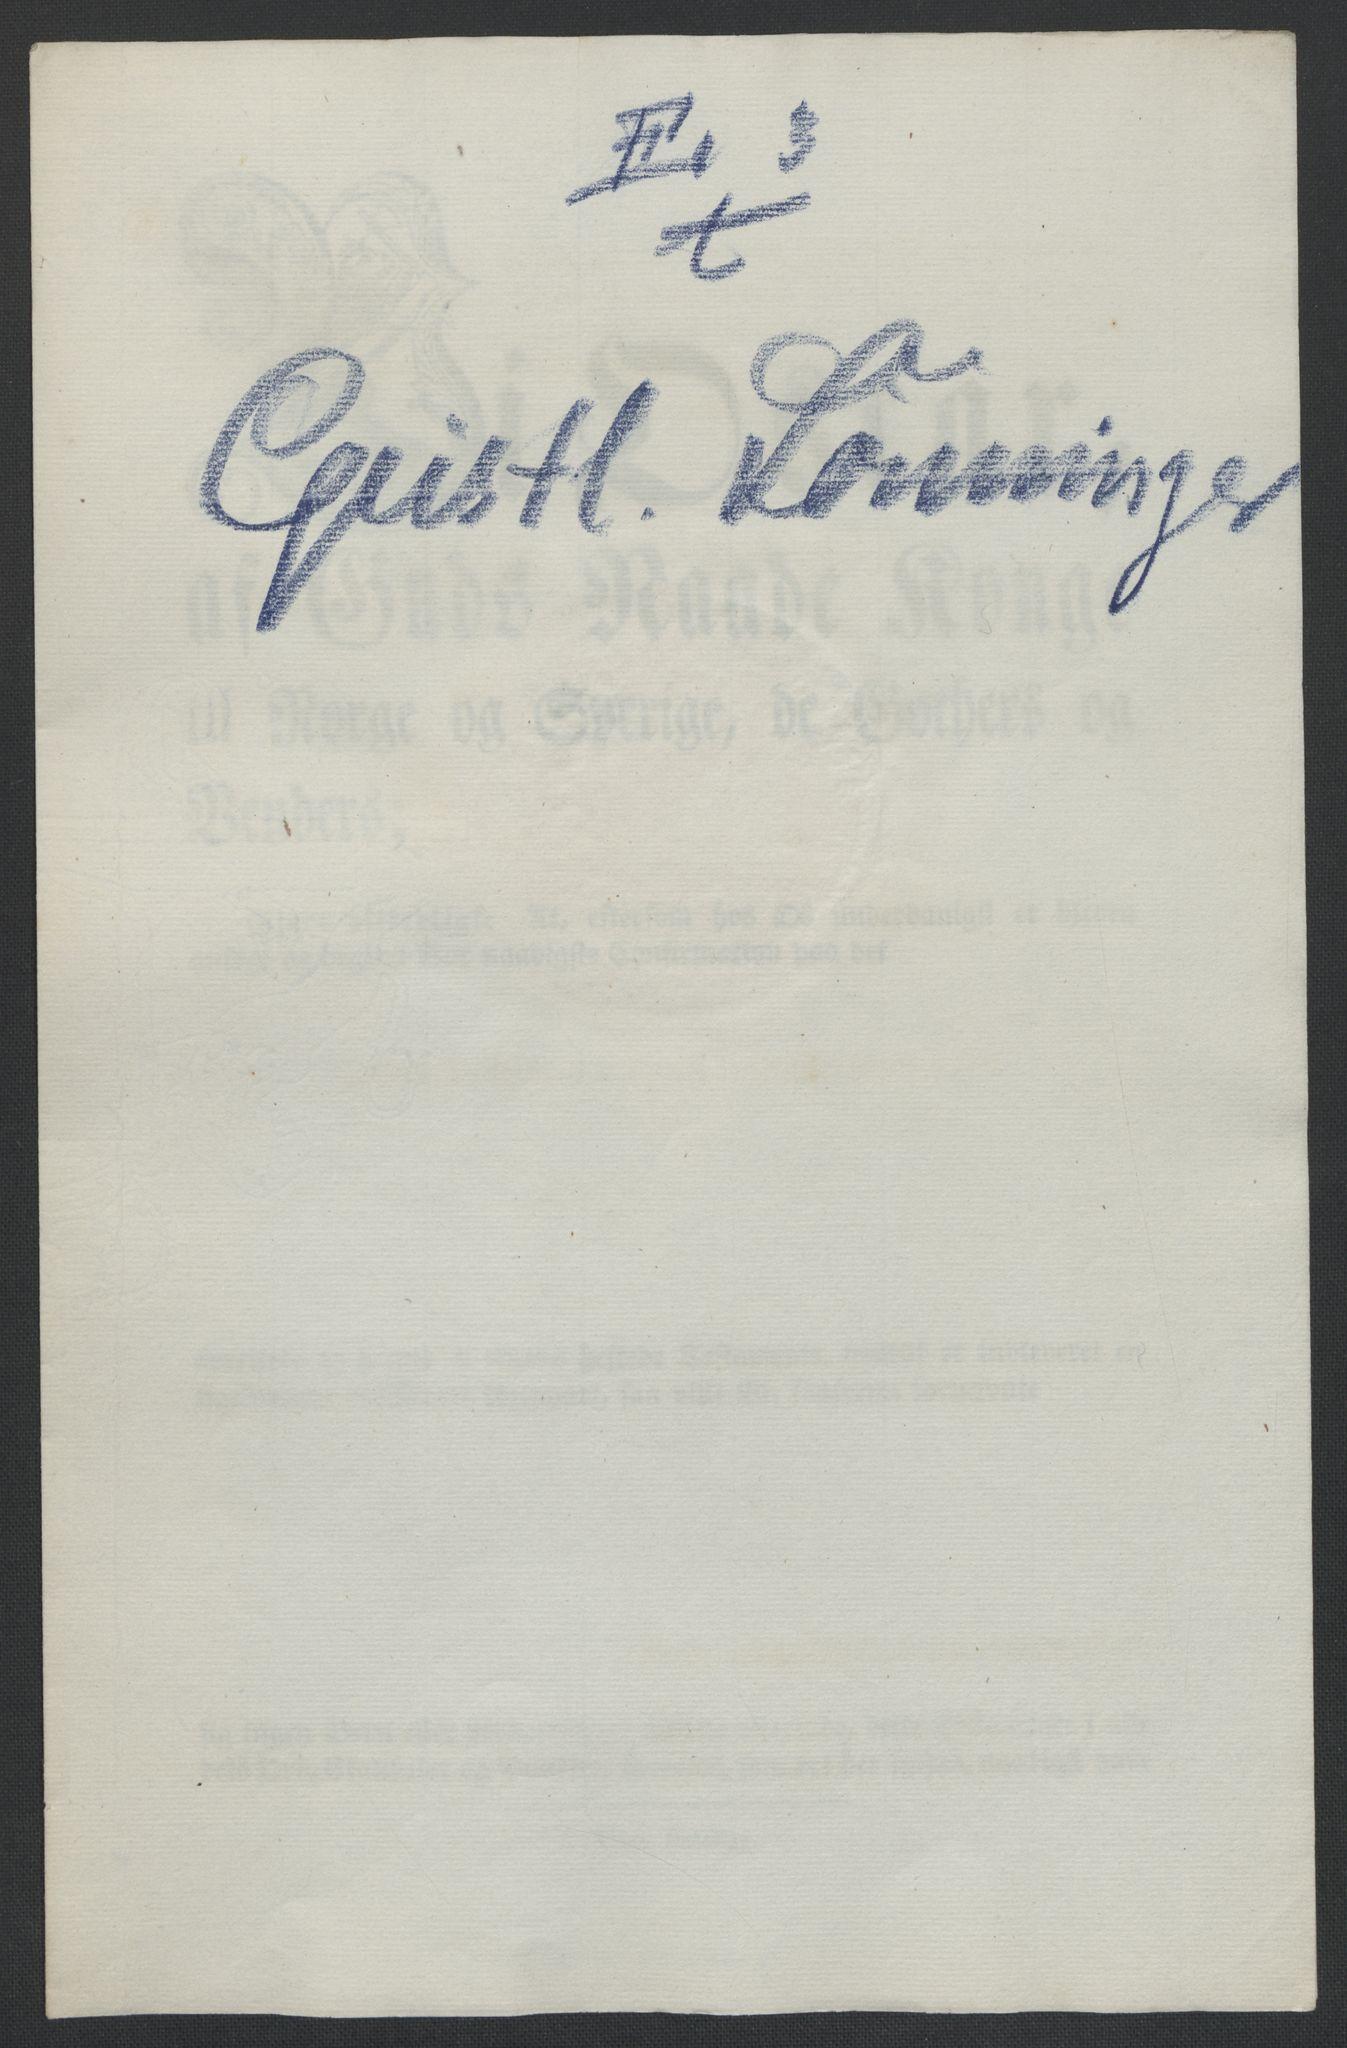 RA, Christie, Wilhelm Frimann Koren, F/L0005, 1815-1816, s. 573